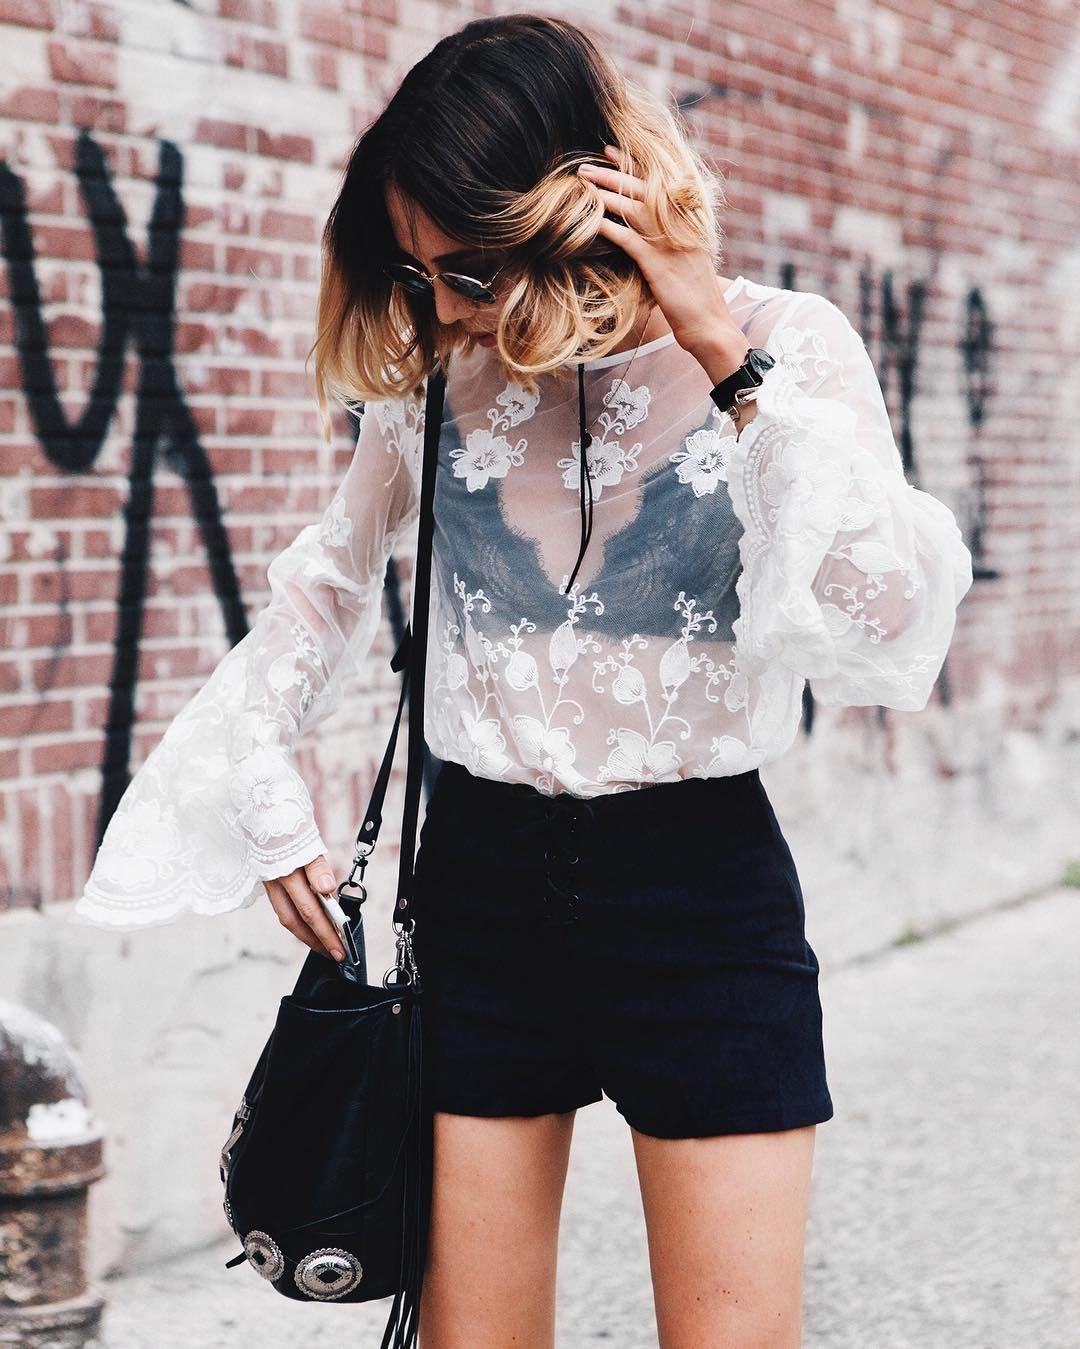 áo lót ren đen và áo xuyên thấu màu trắng